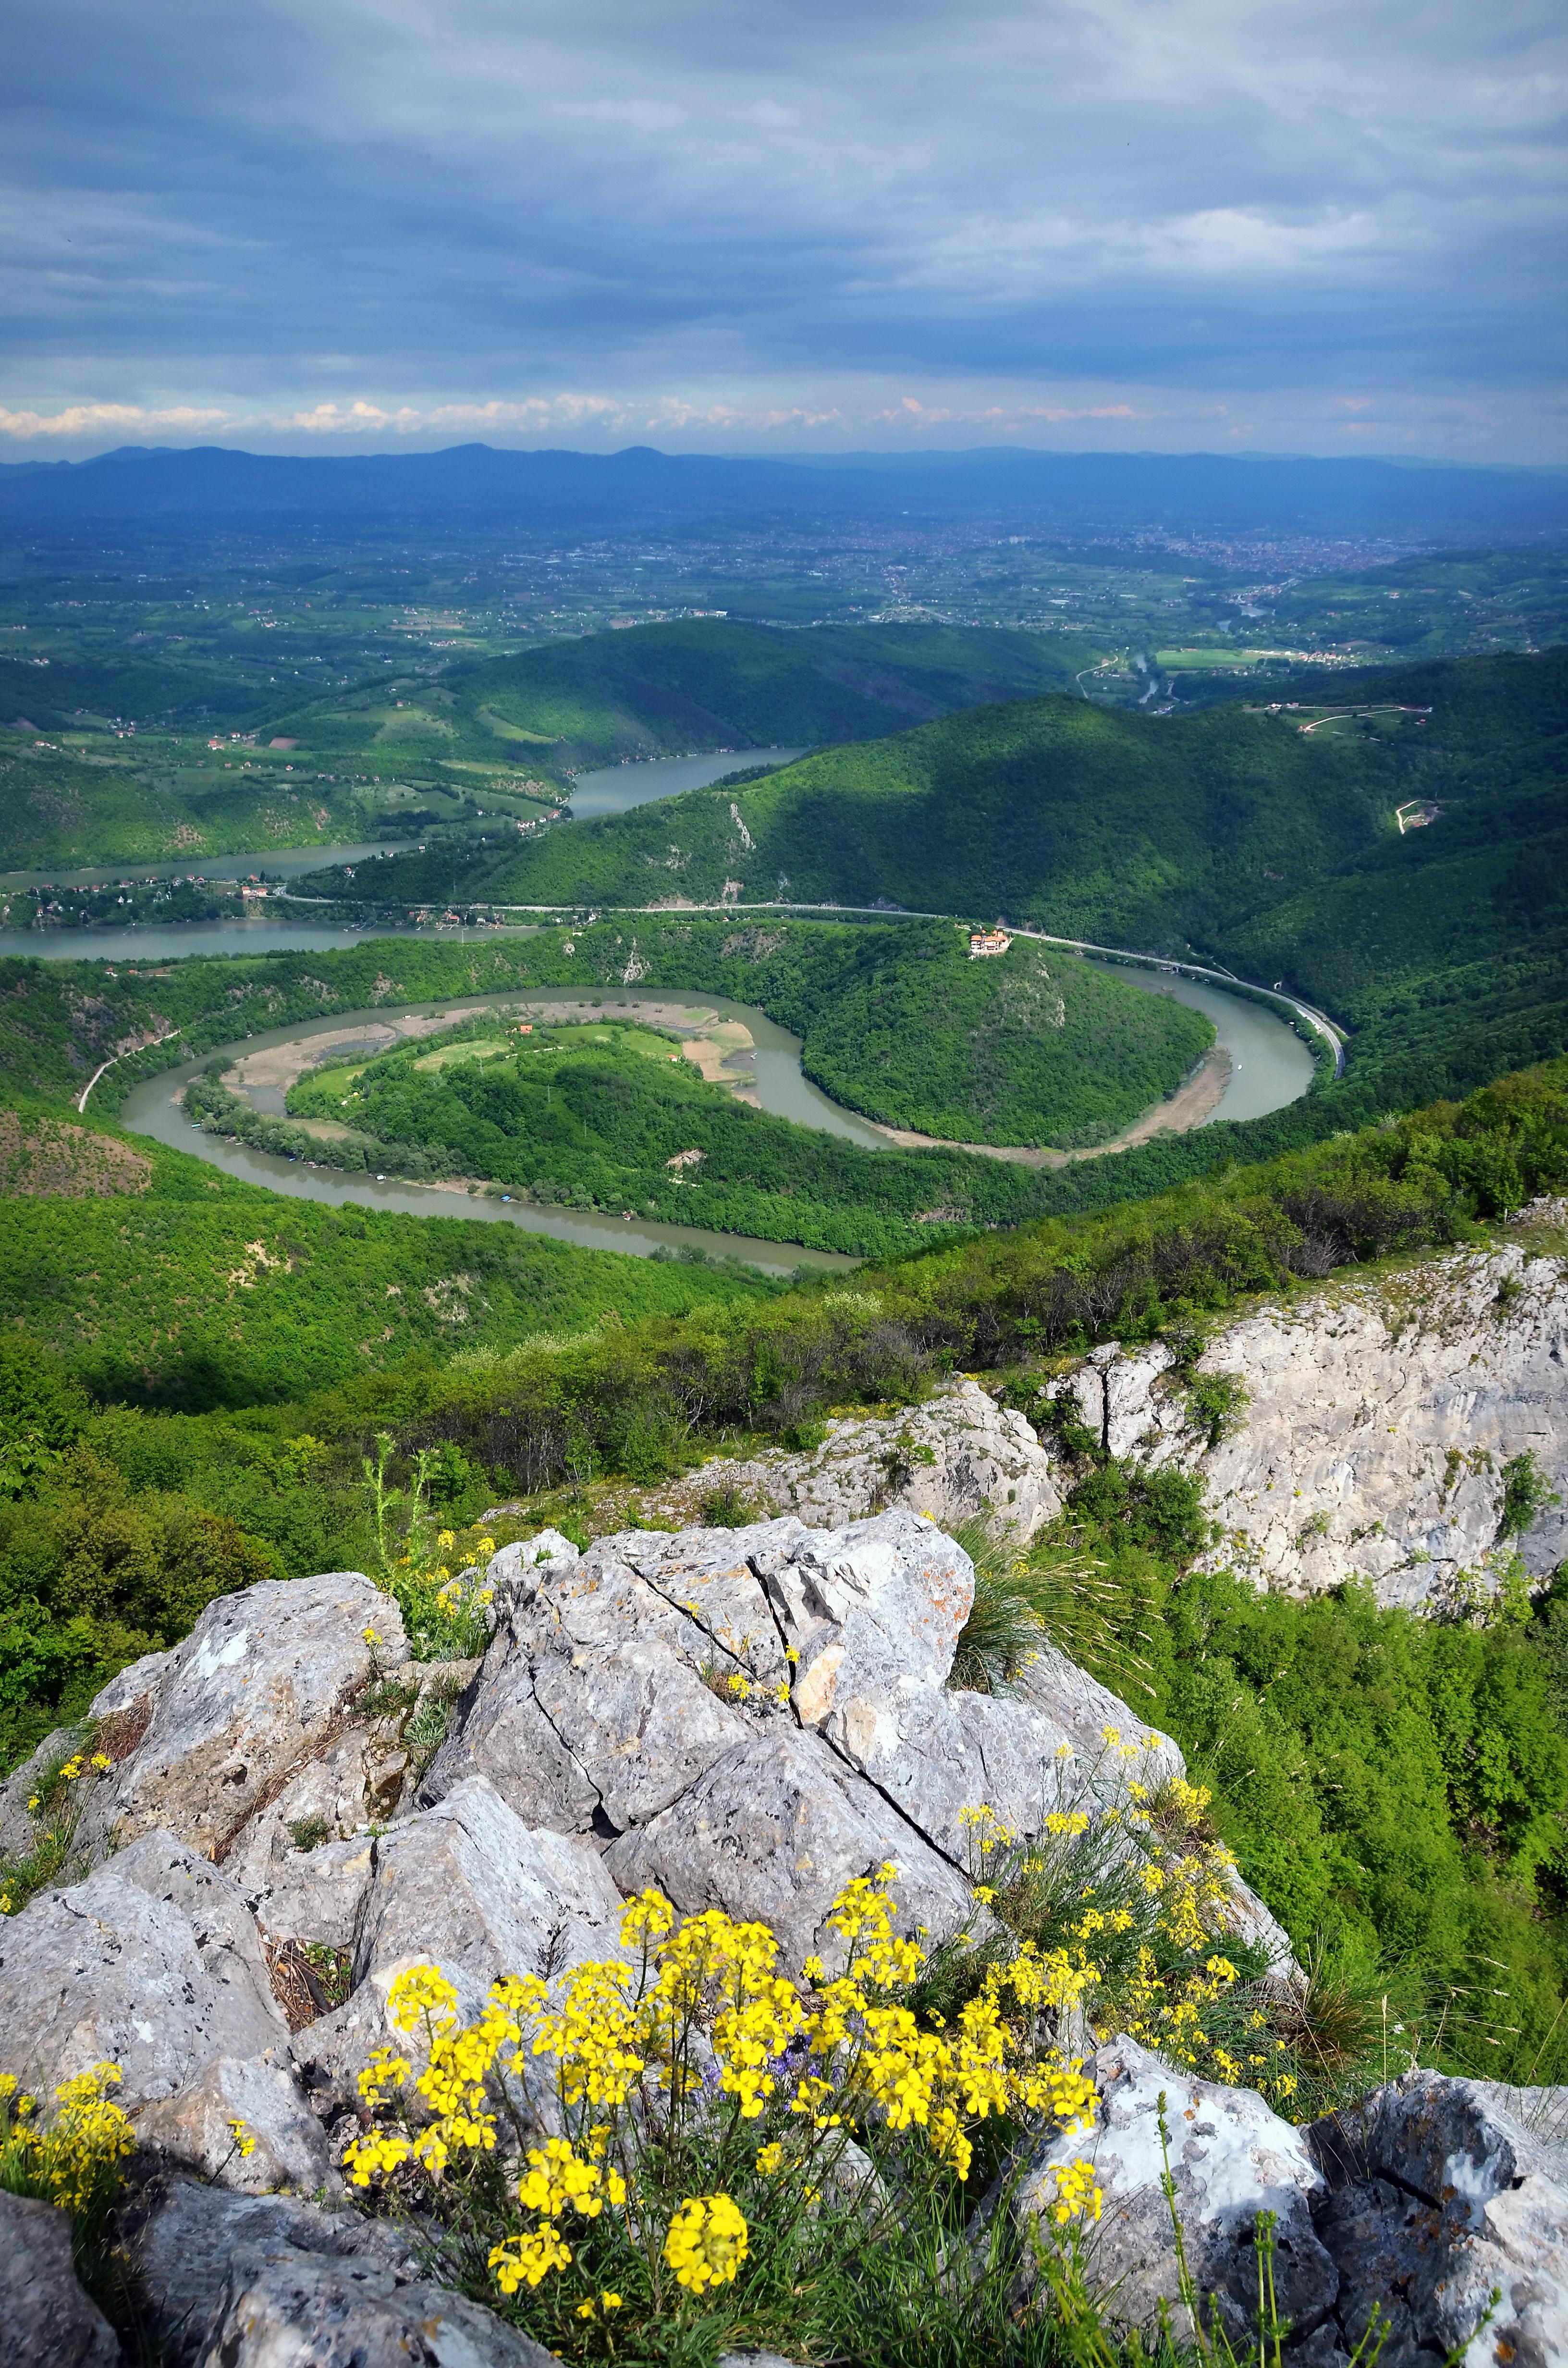 Kanjoni i klisure Ov%C4%8Darsko-kablarska_klisura,_meandri_Zapadne_Morave